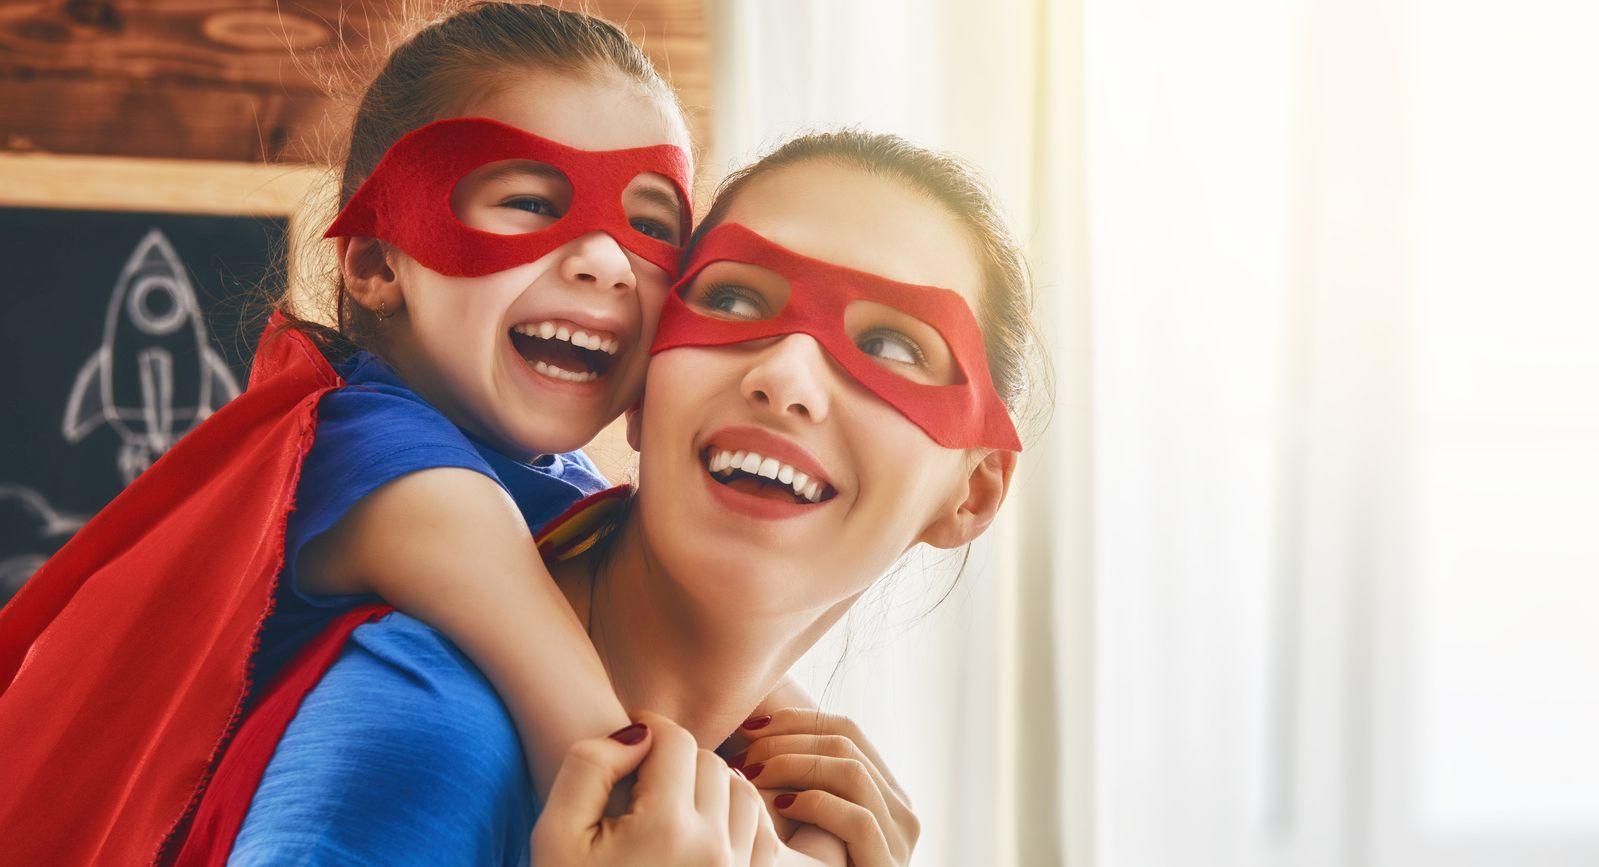 Les meilleurs cadeaux de la fête des mères choisis par les super mamans